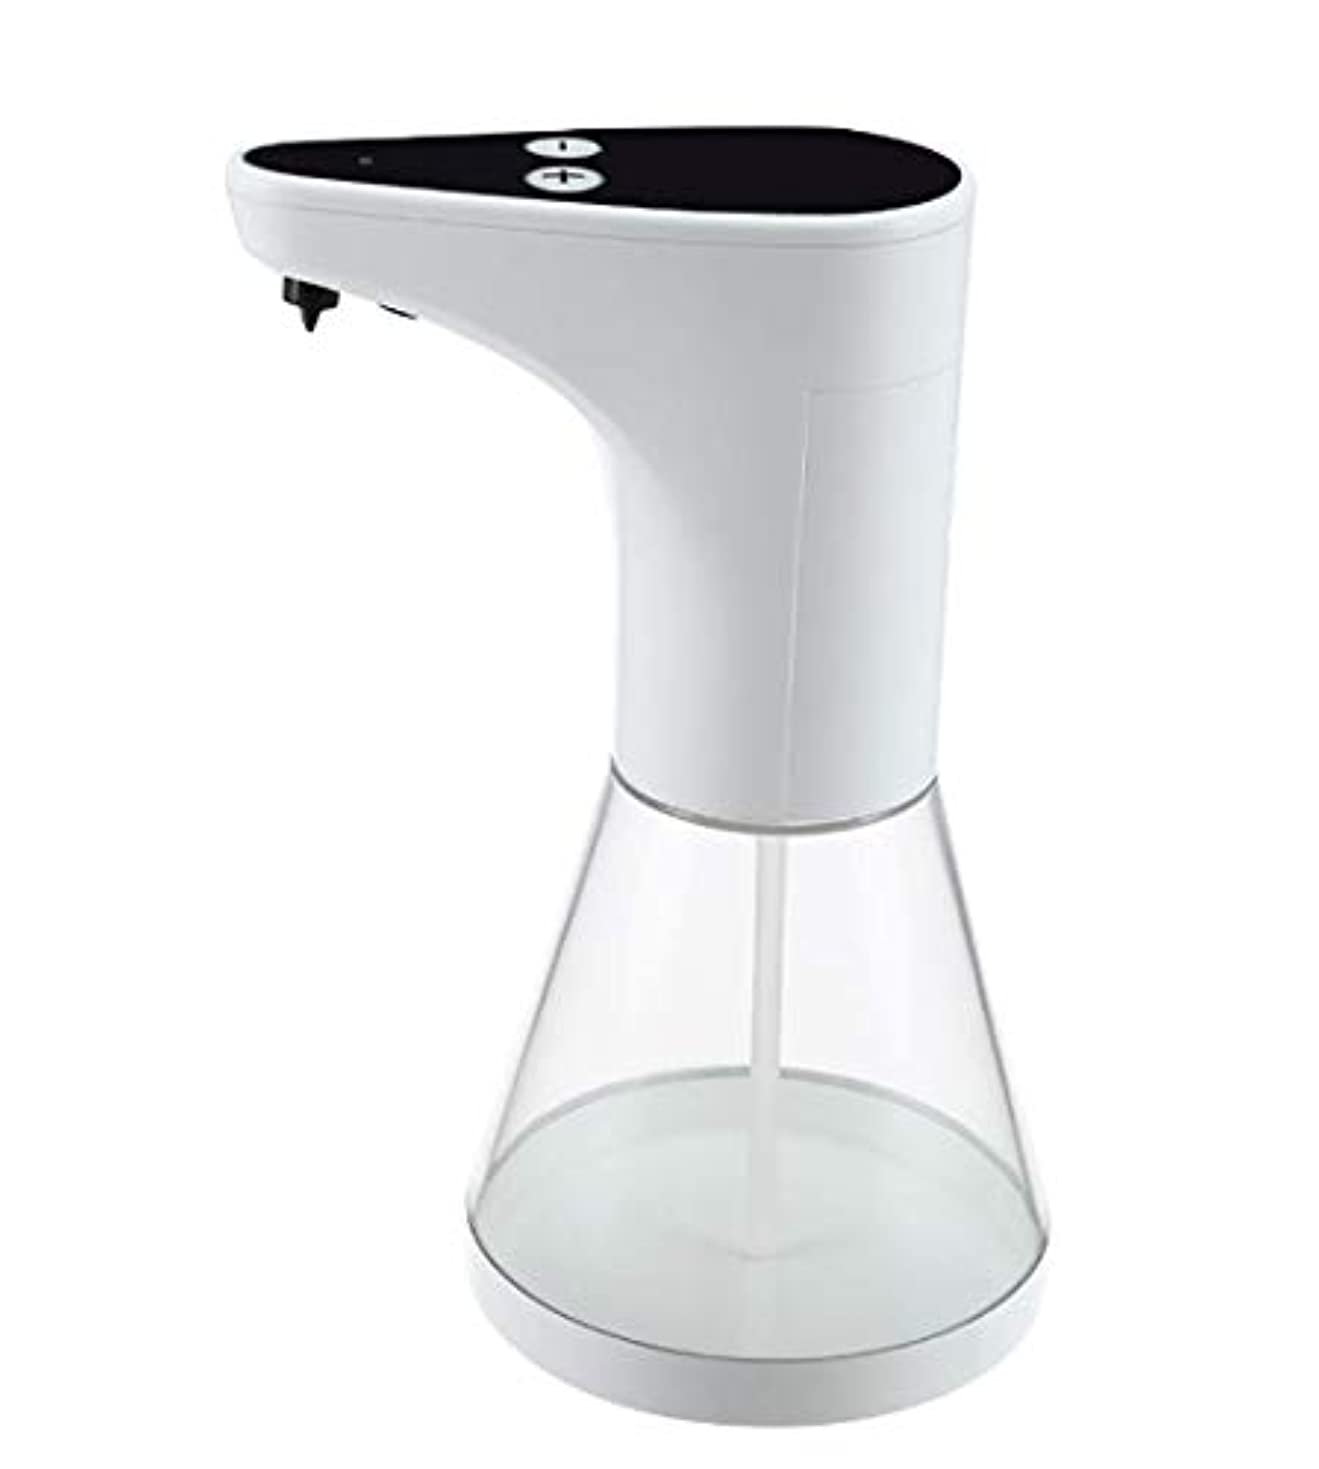 定刻更新する課す誘導ソープディスペンサーの自動手の消毒剤、台所浴室のソープディスペンサー/ABS、として